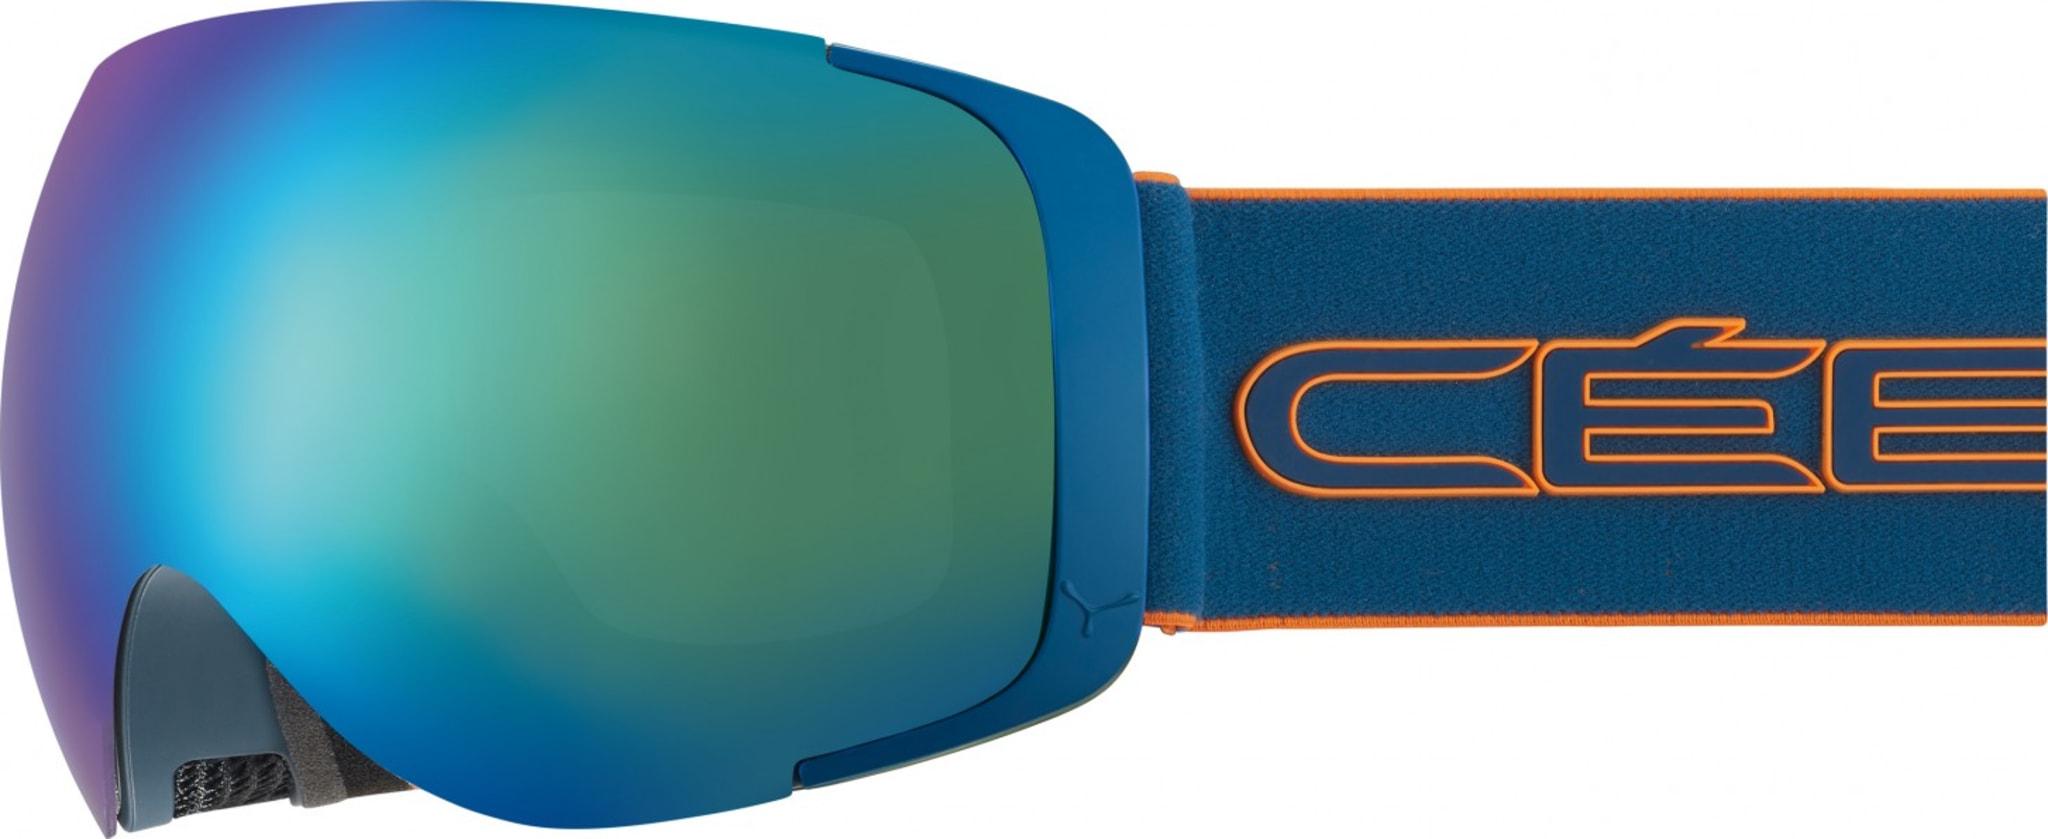 Helt rå goggles som er kompatibel med briller